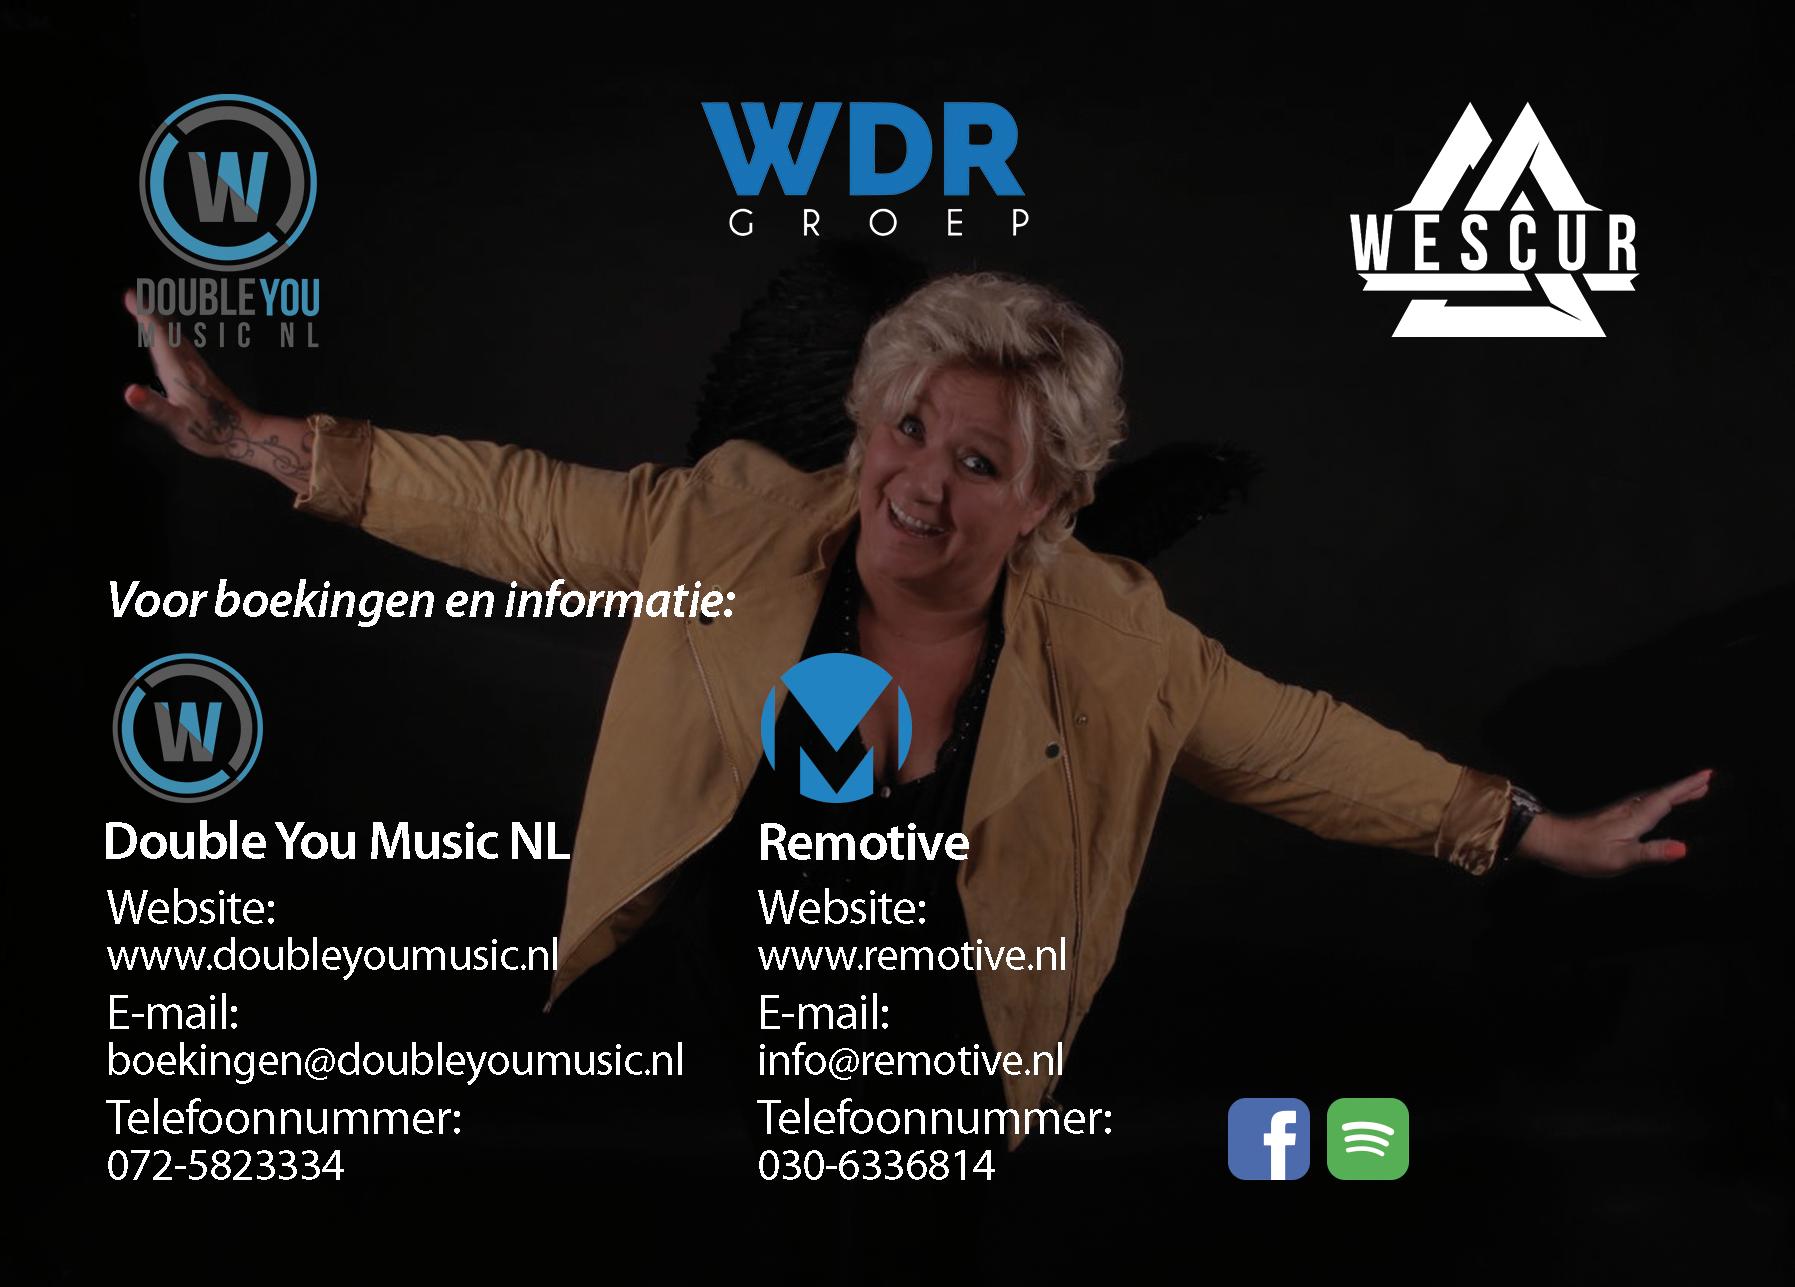 Double-You-Music-NL-Fotokaart-Daantje-Achterkant